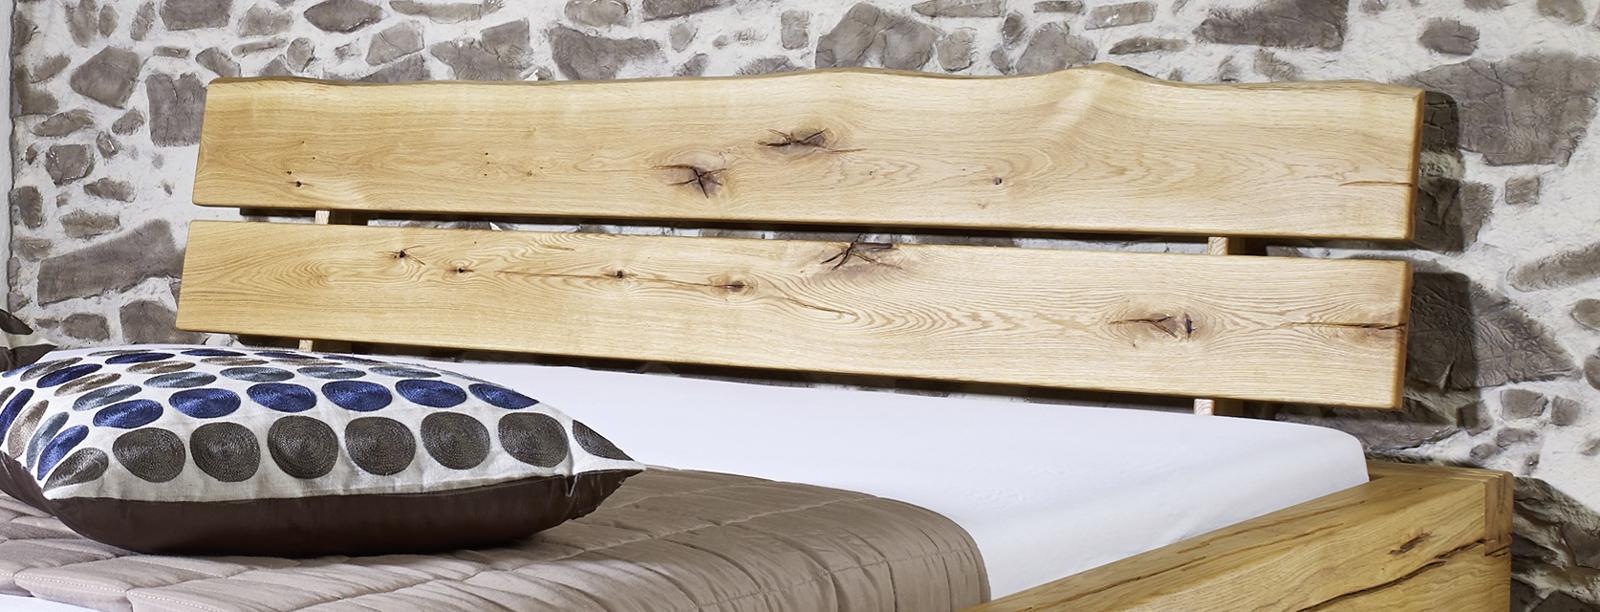 Rückenlehne Bett mit genial design für ihr wohnideen